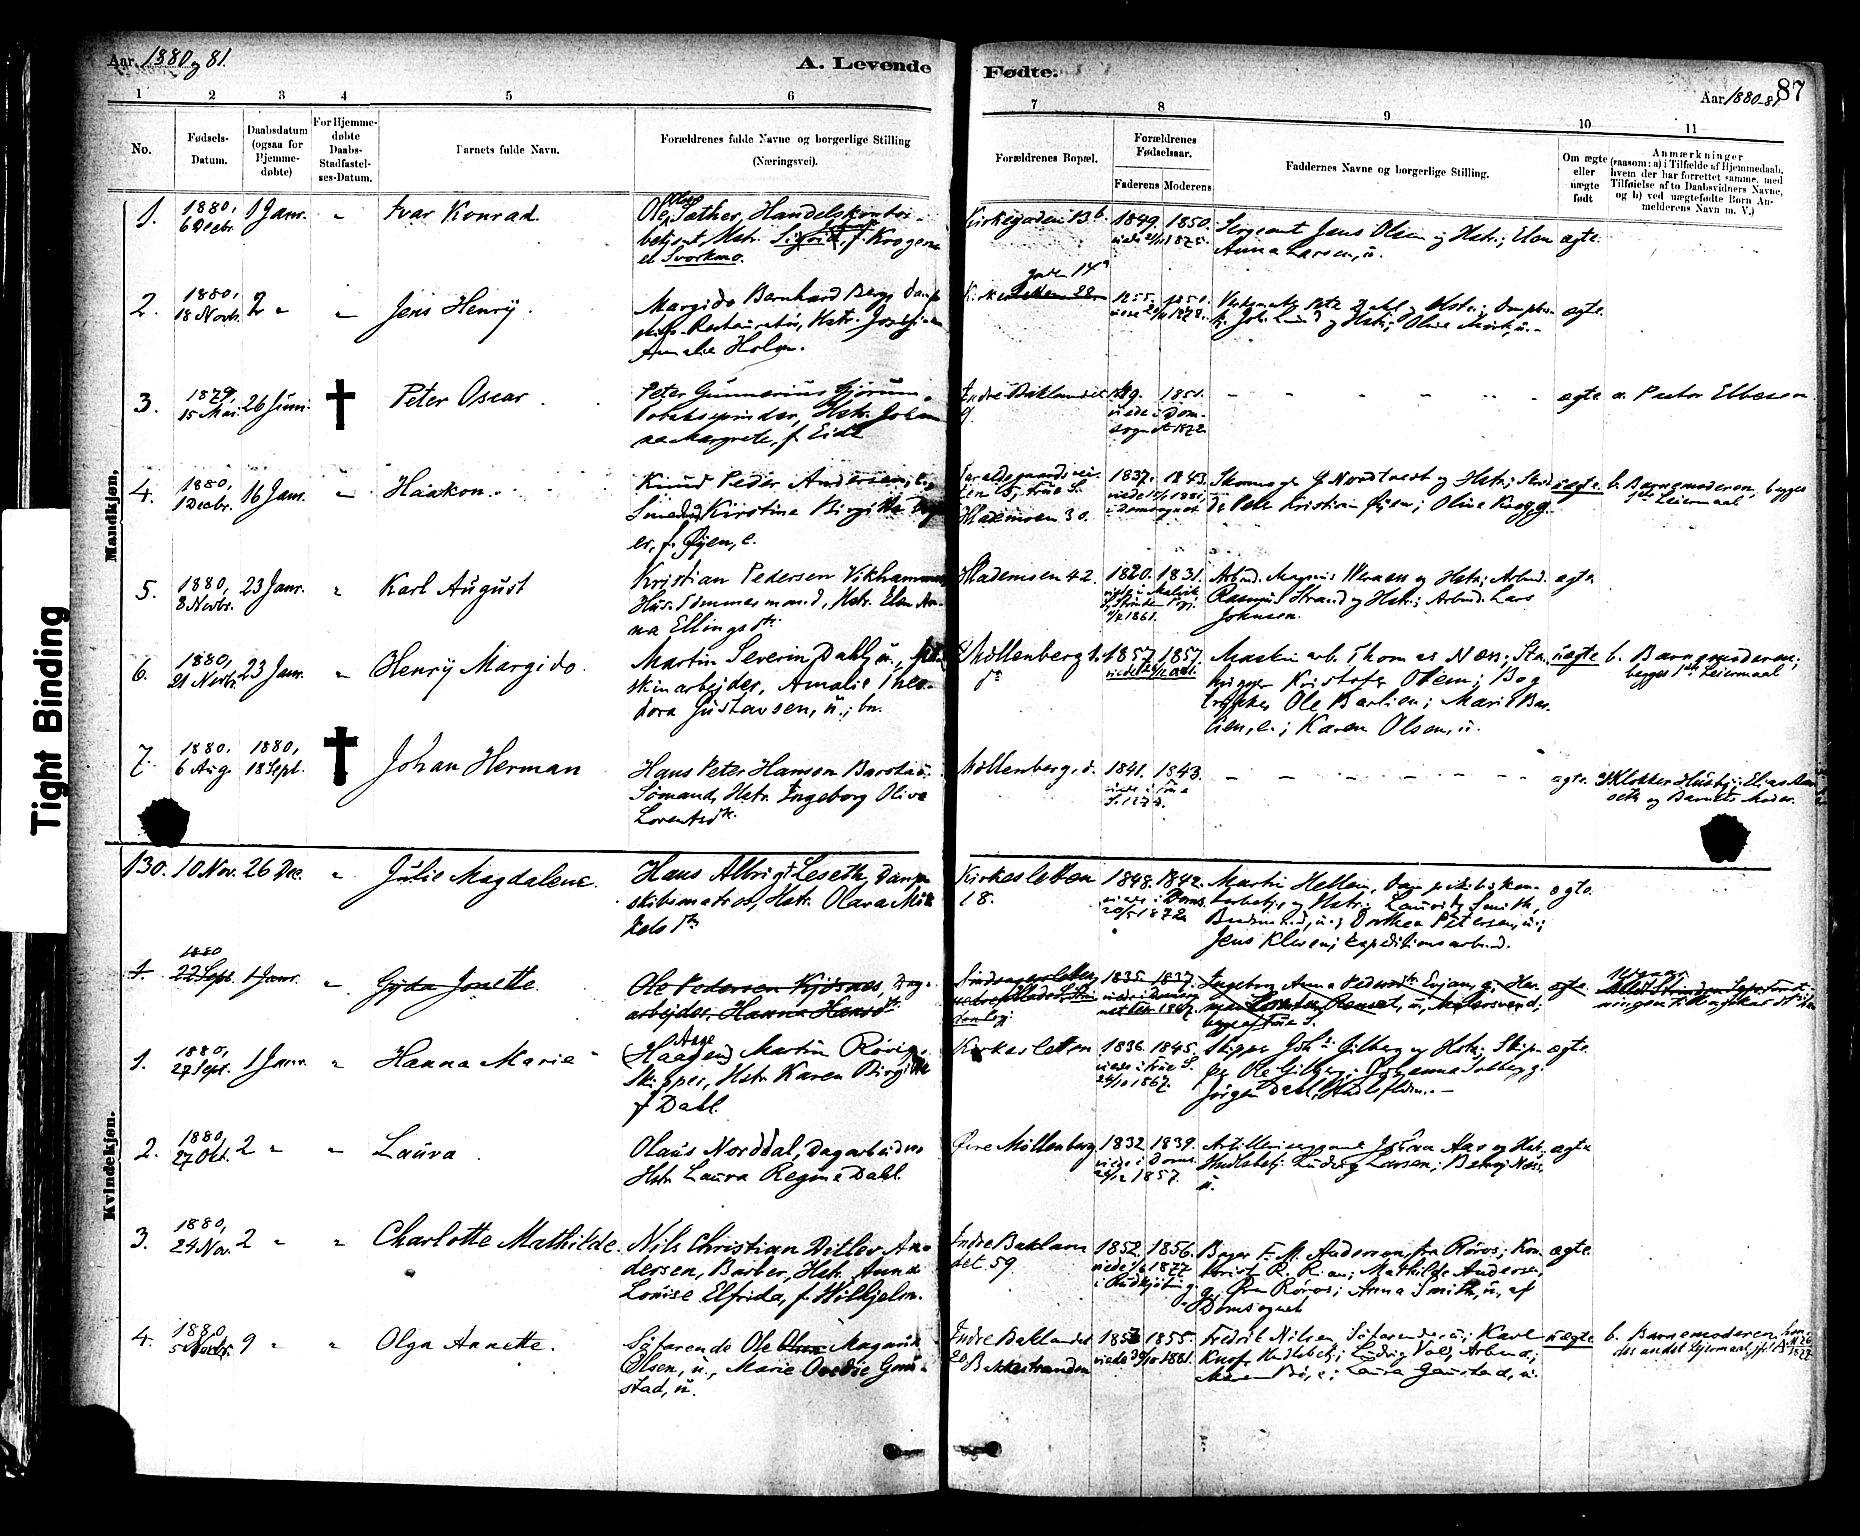 SAT, Ministerialprotokoller, klokkerbøker og fødselsregistre - Sør-Trøndelag, 604/L0188: Ministerialbok nr. 604A09, 1878-1892, s. 87